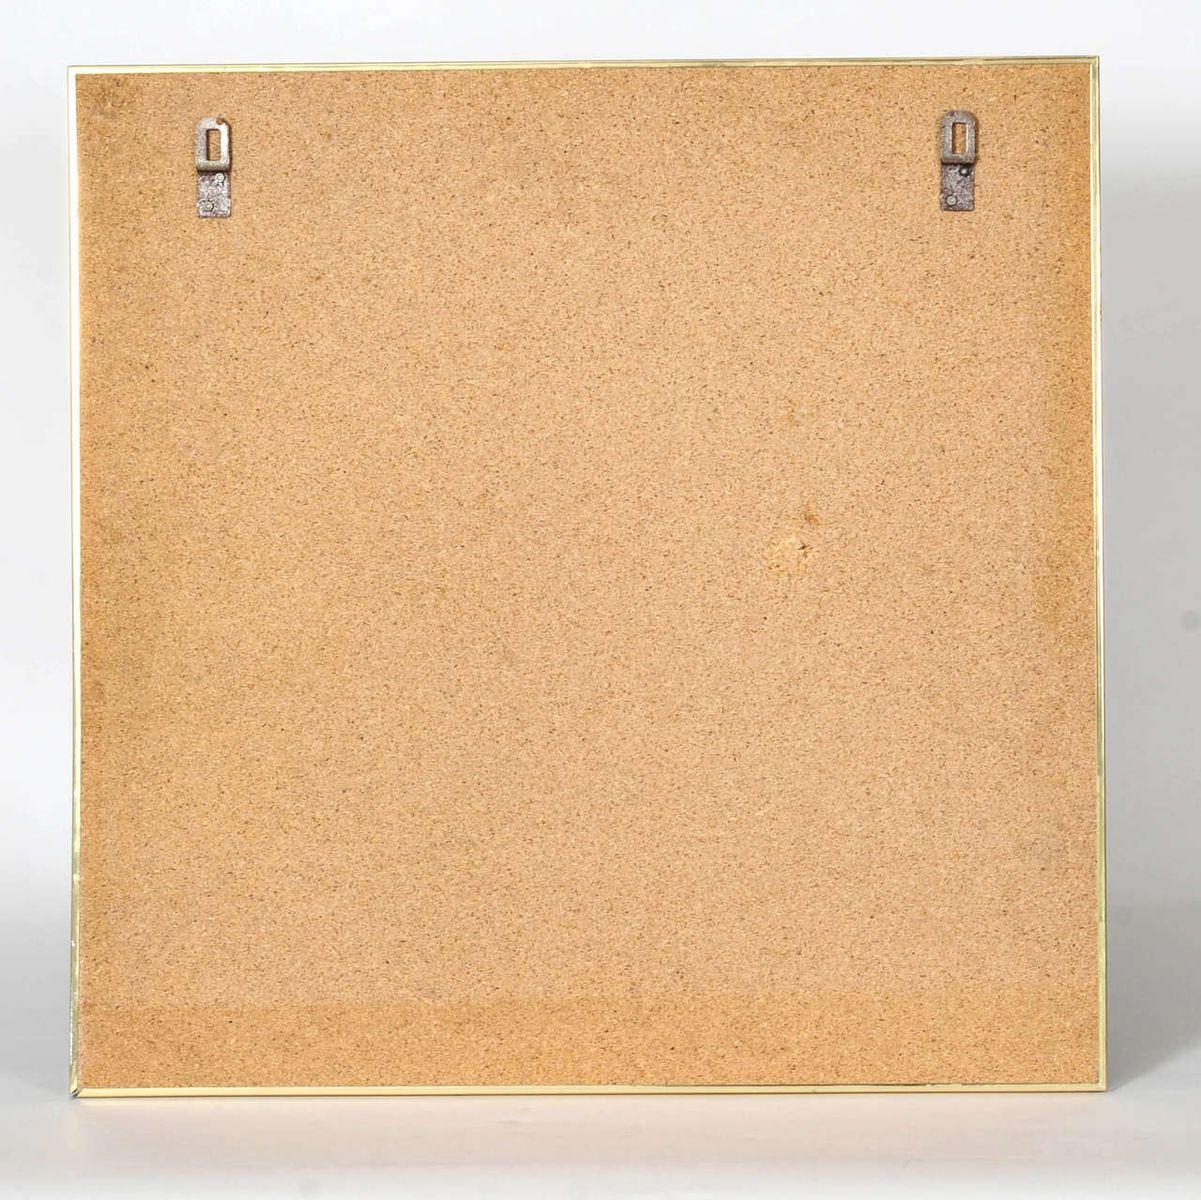 oktogonaler vintage spiegel mit rahmen in schwarz und messing bei pamono kaufen. Black Bedroom Furniture Sets. Home Design Ideas